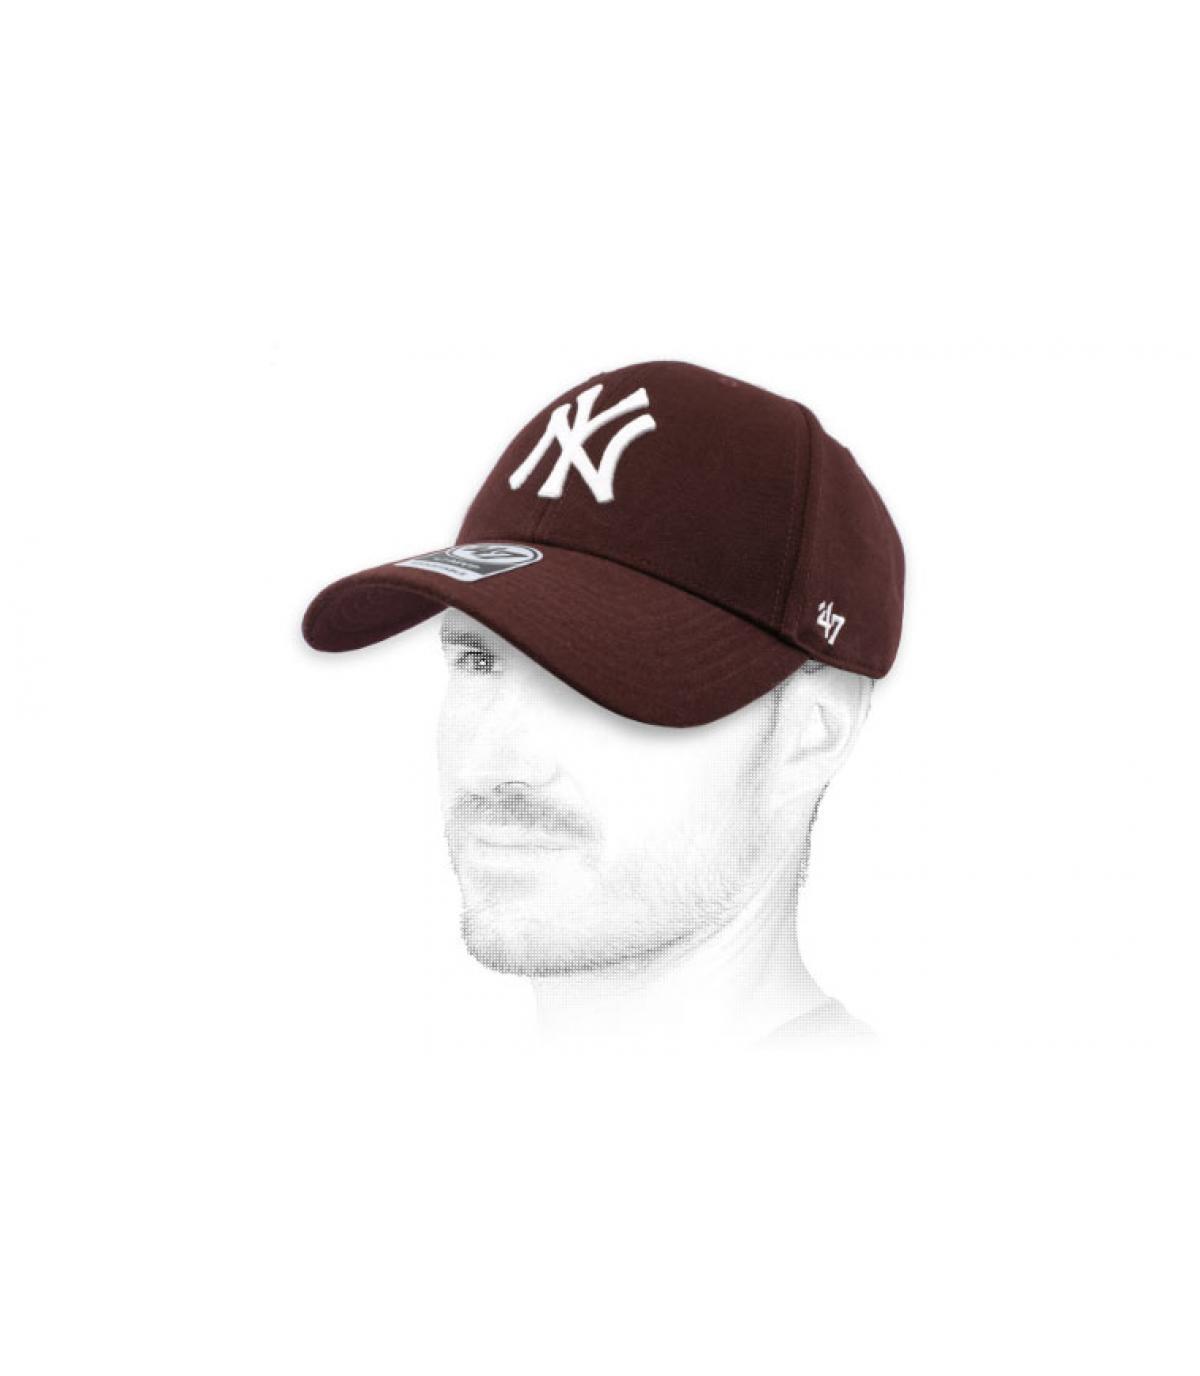 Cap NY bordeaux47